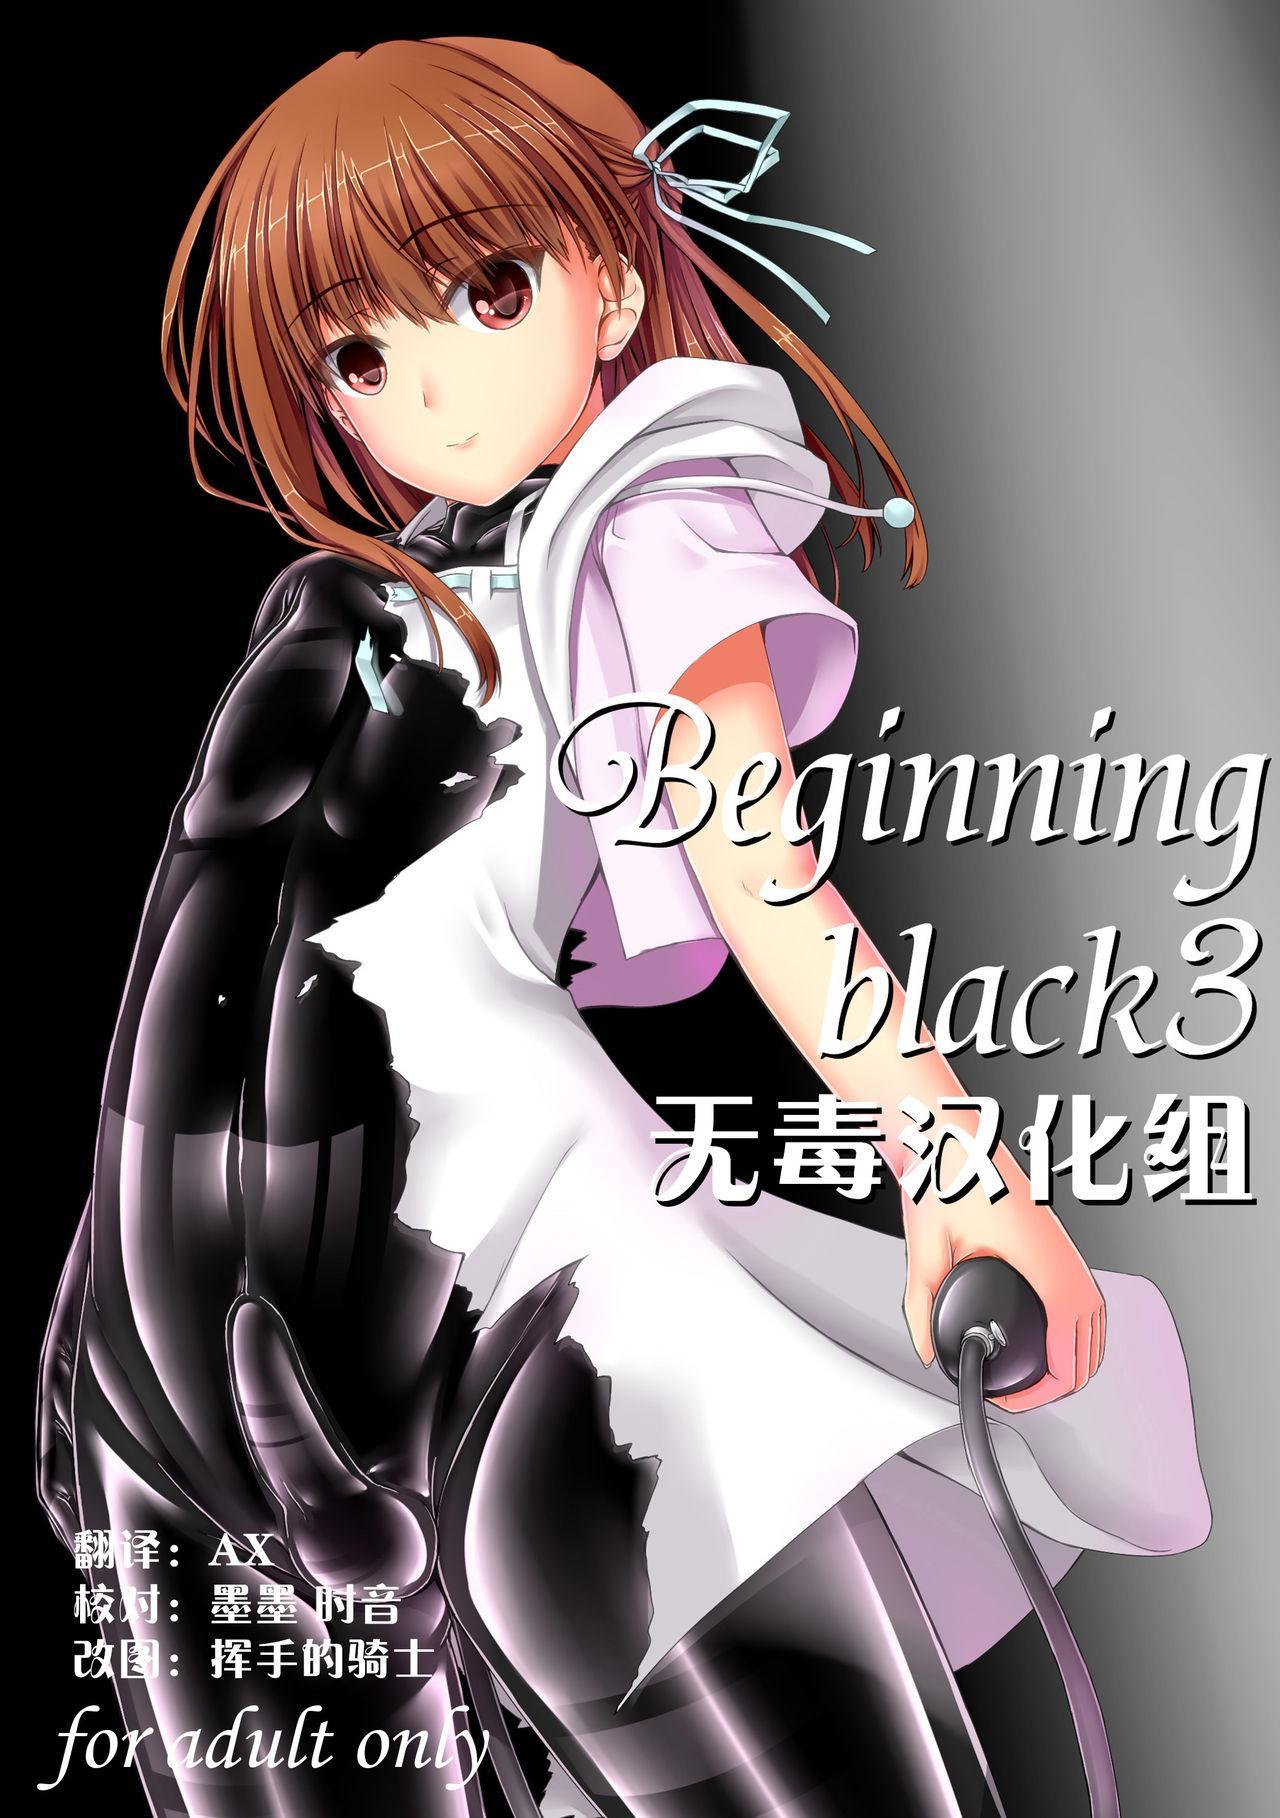 Beginning black3 0